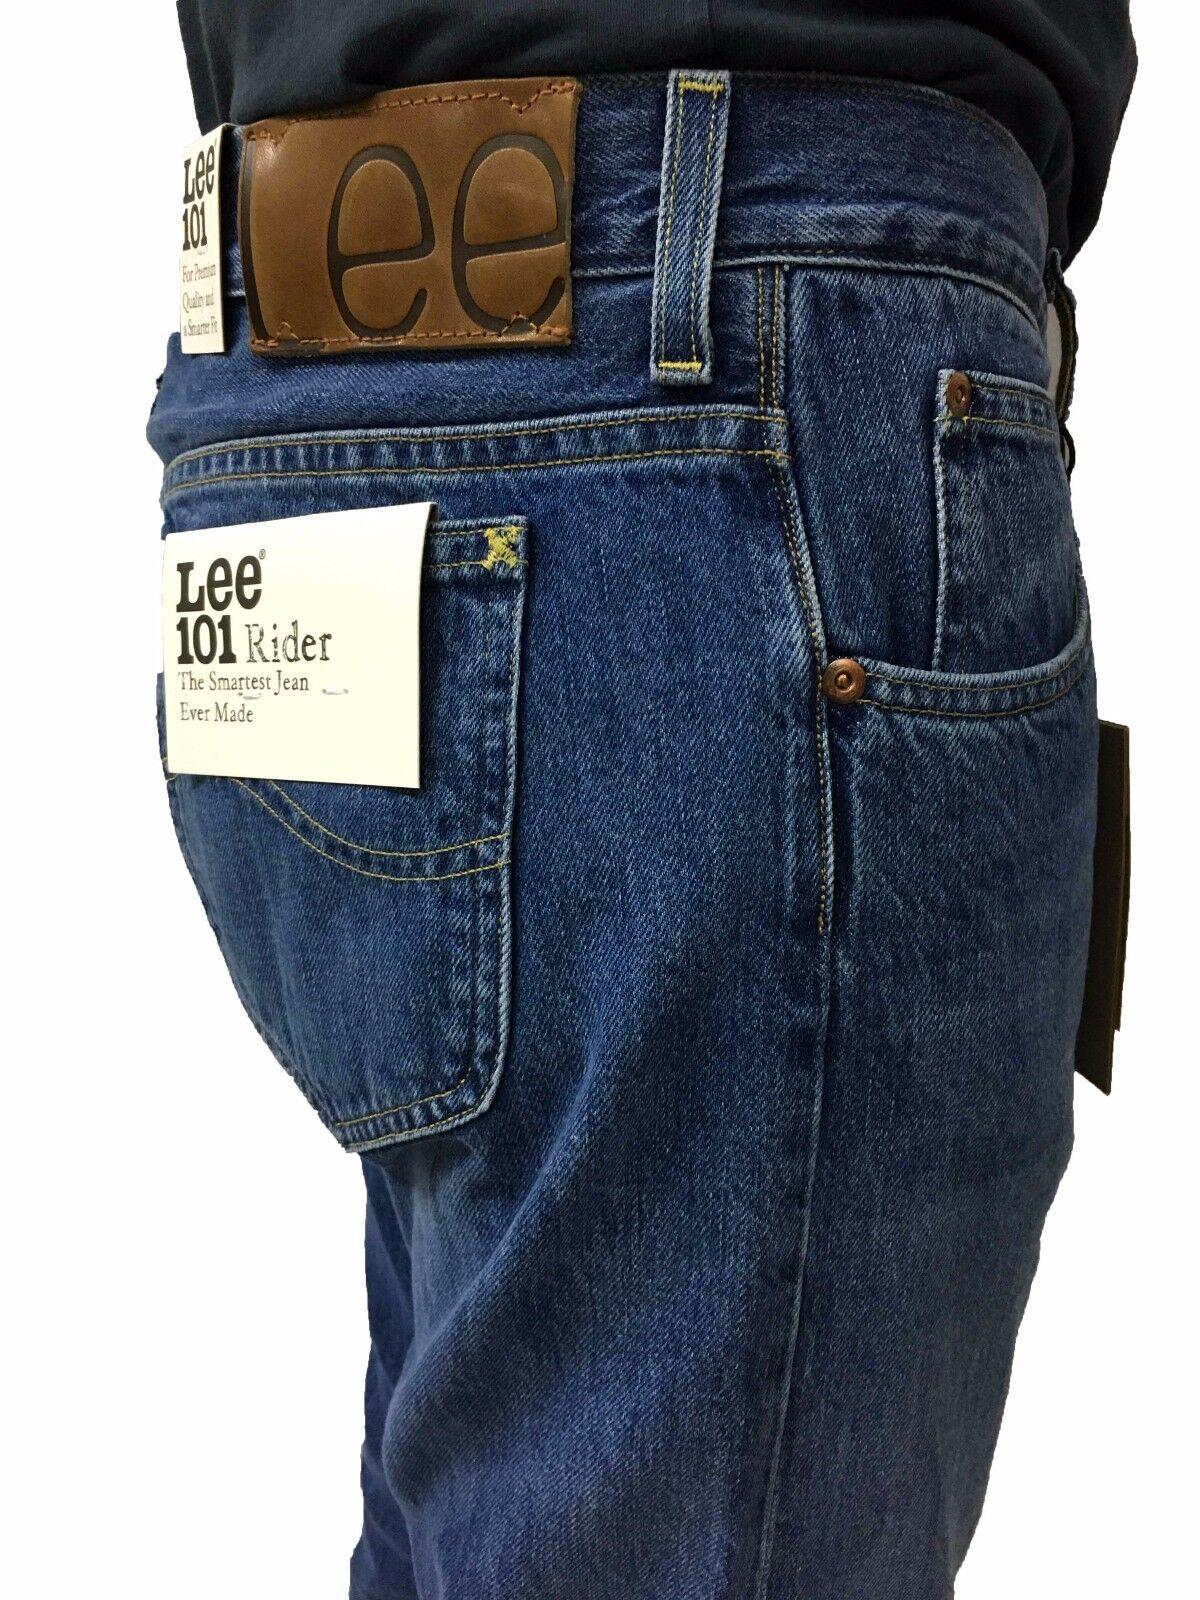 LEE 101 jeans uomo mod RIDER colore colore colore stone washed L96681GH con zip 100% cottone 41fdd6